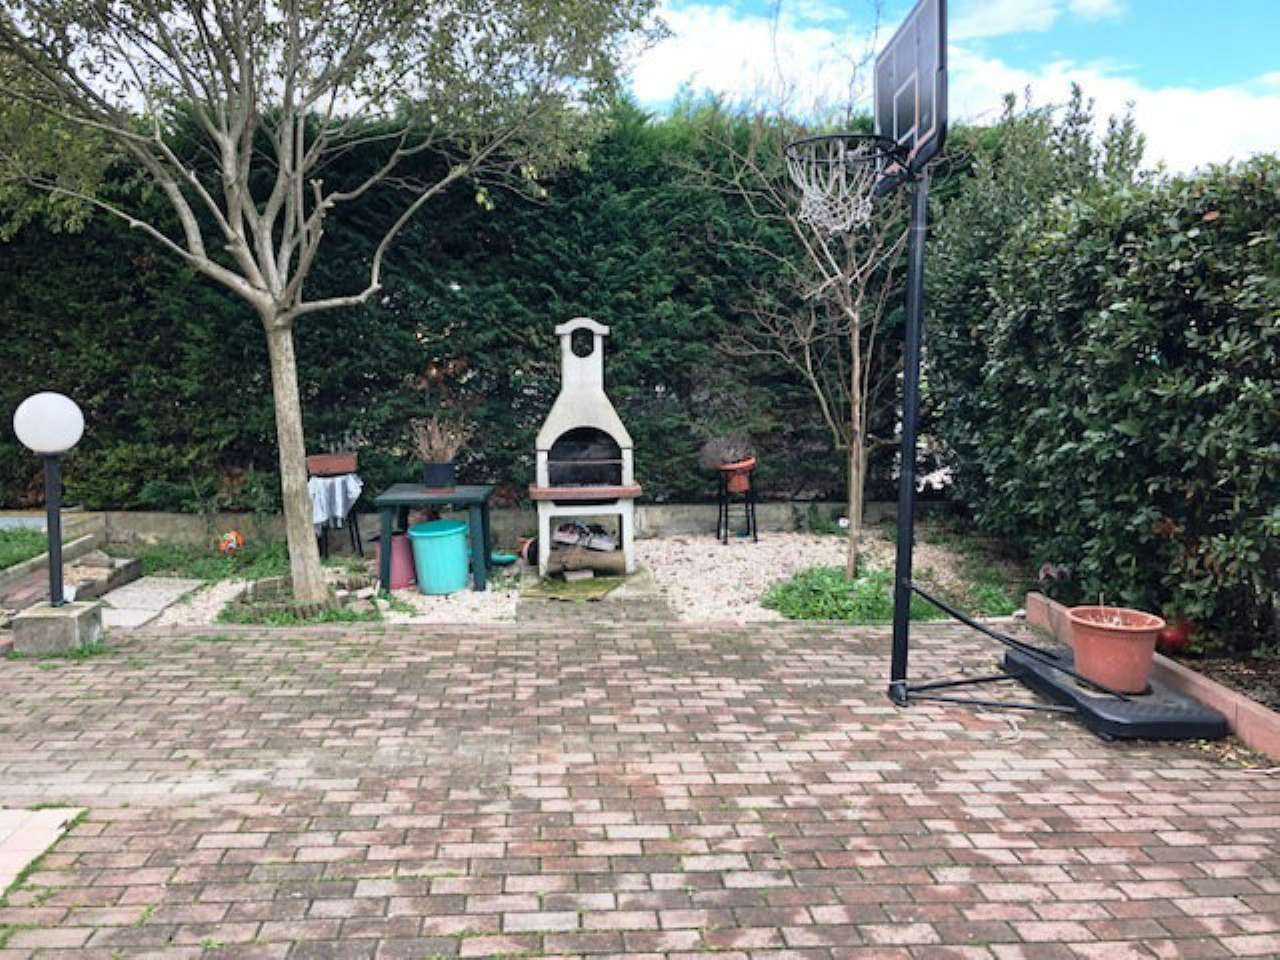 Appartamento piano terra con giardino a rimini for Giardino rimini